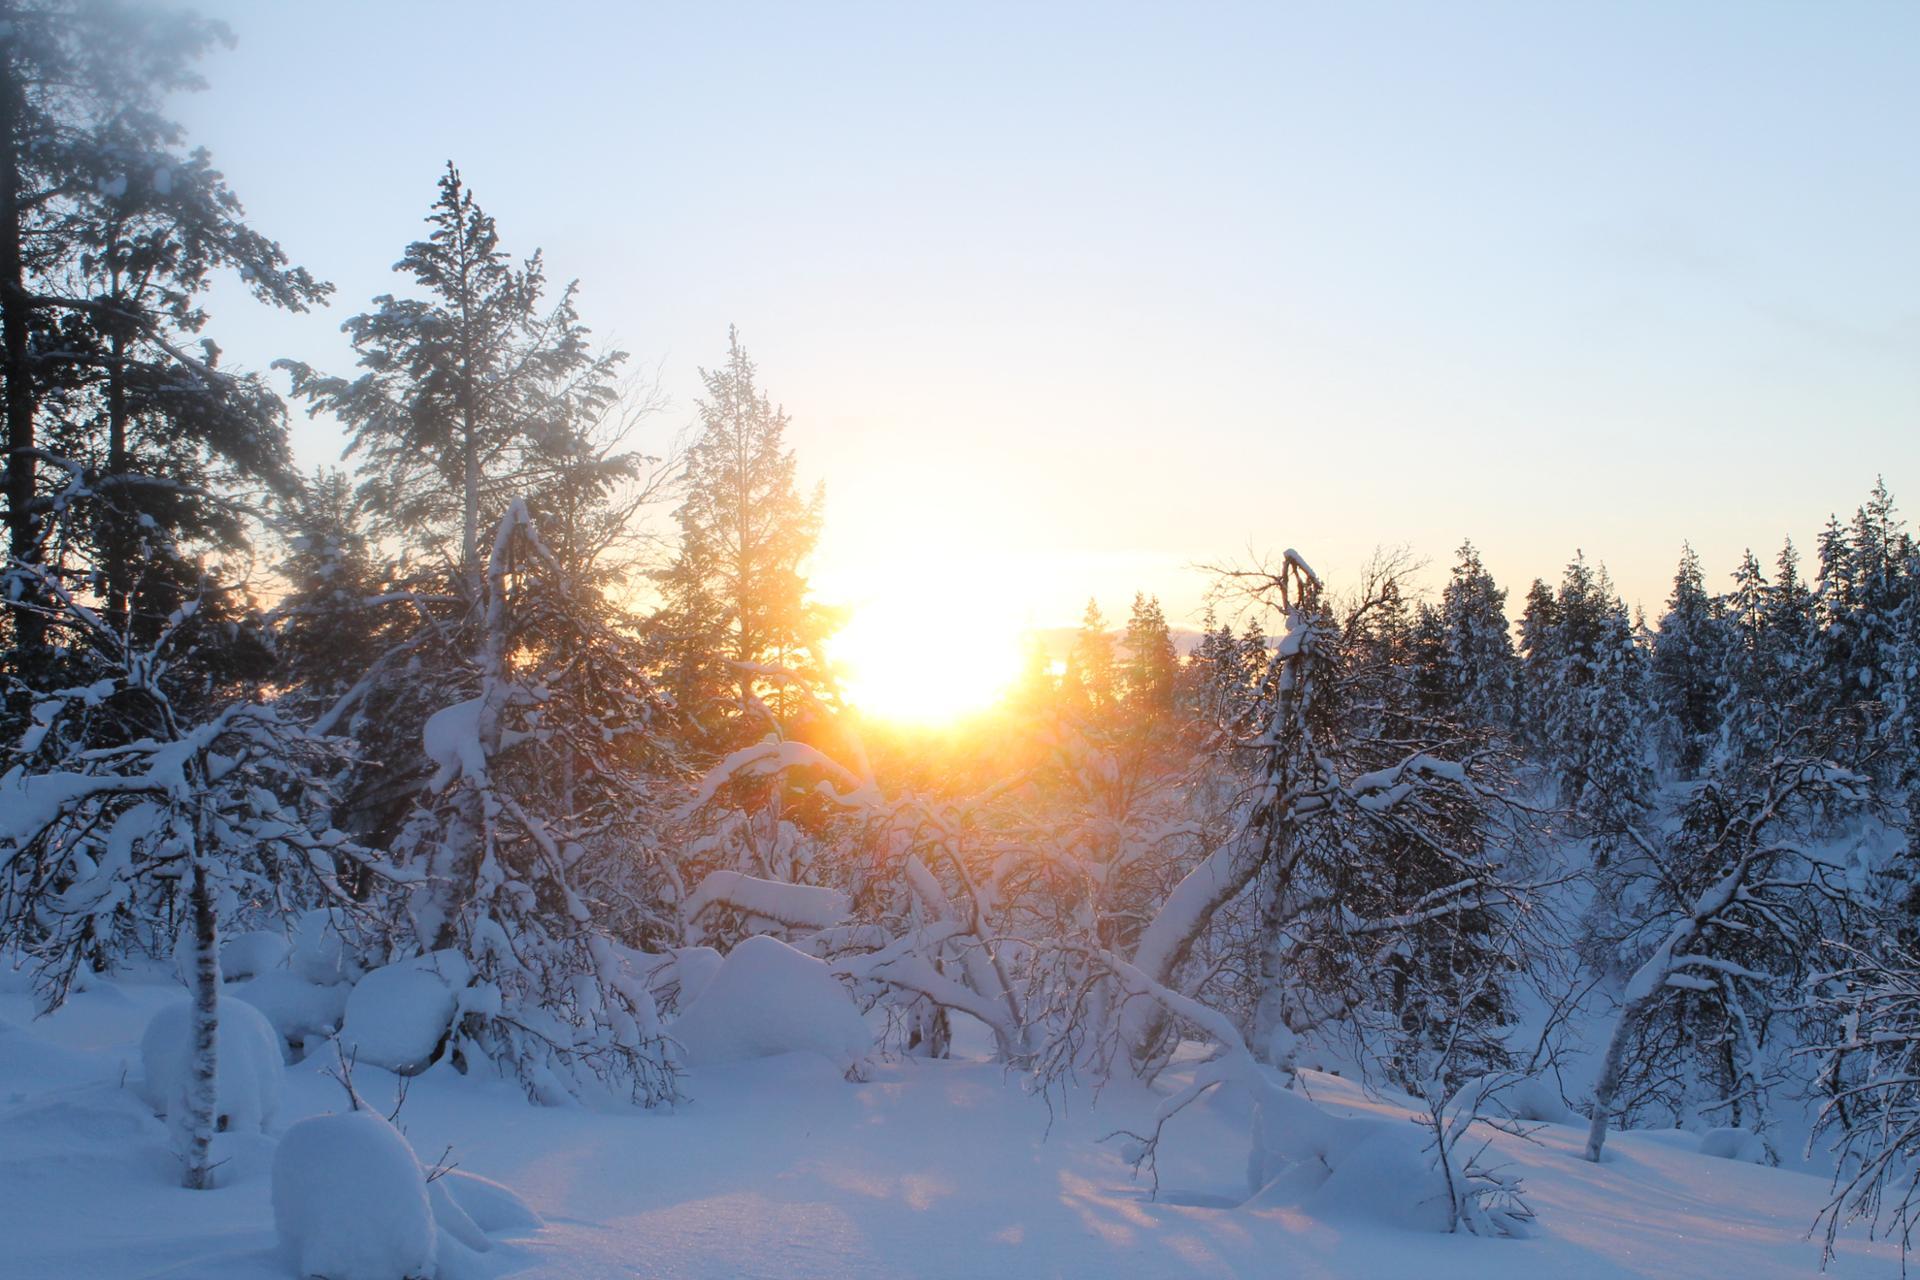 Sunset @ Urrho Kekkonen National Park